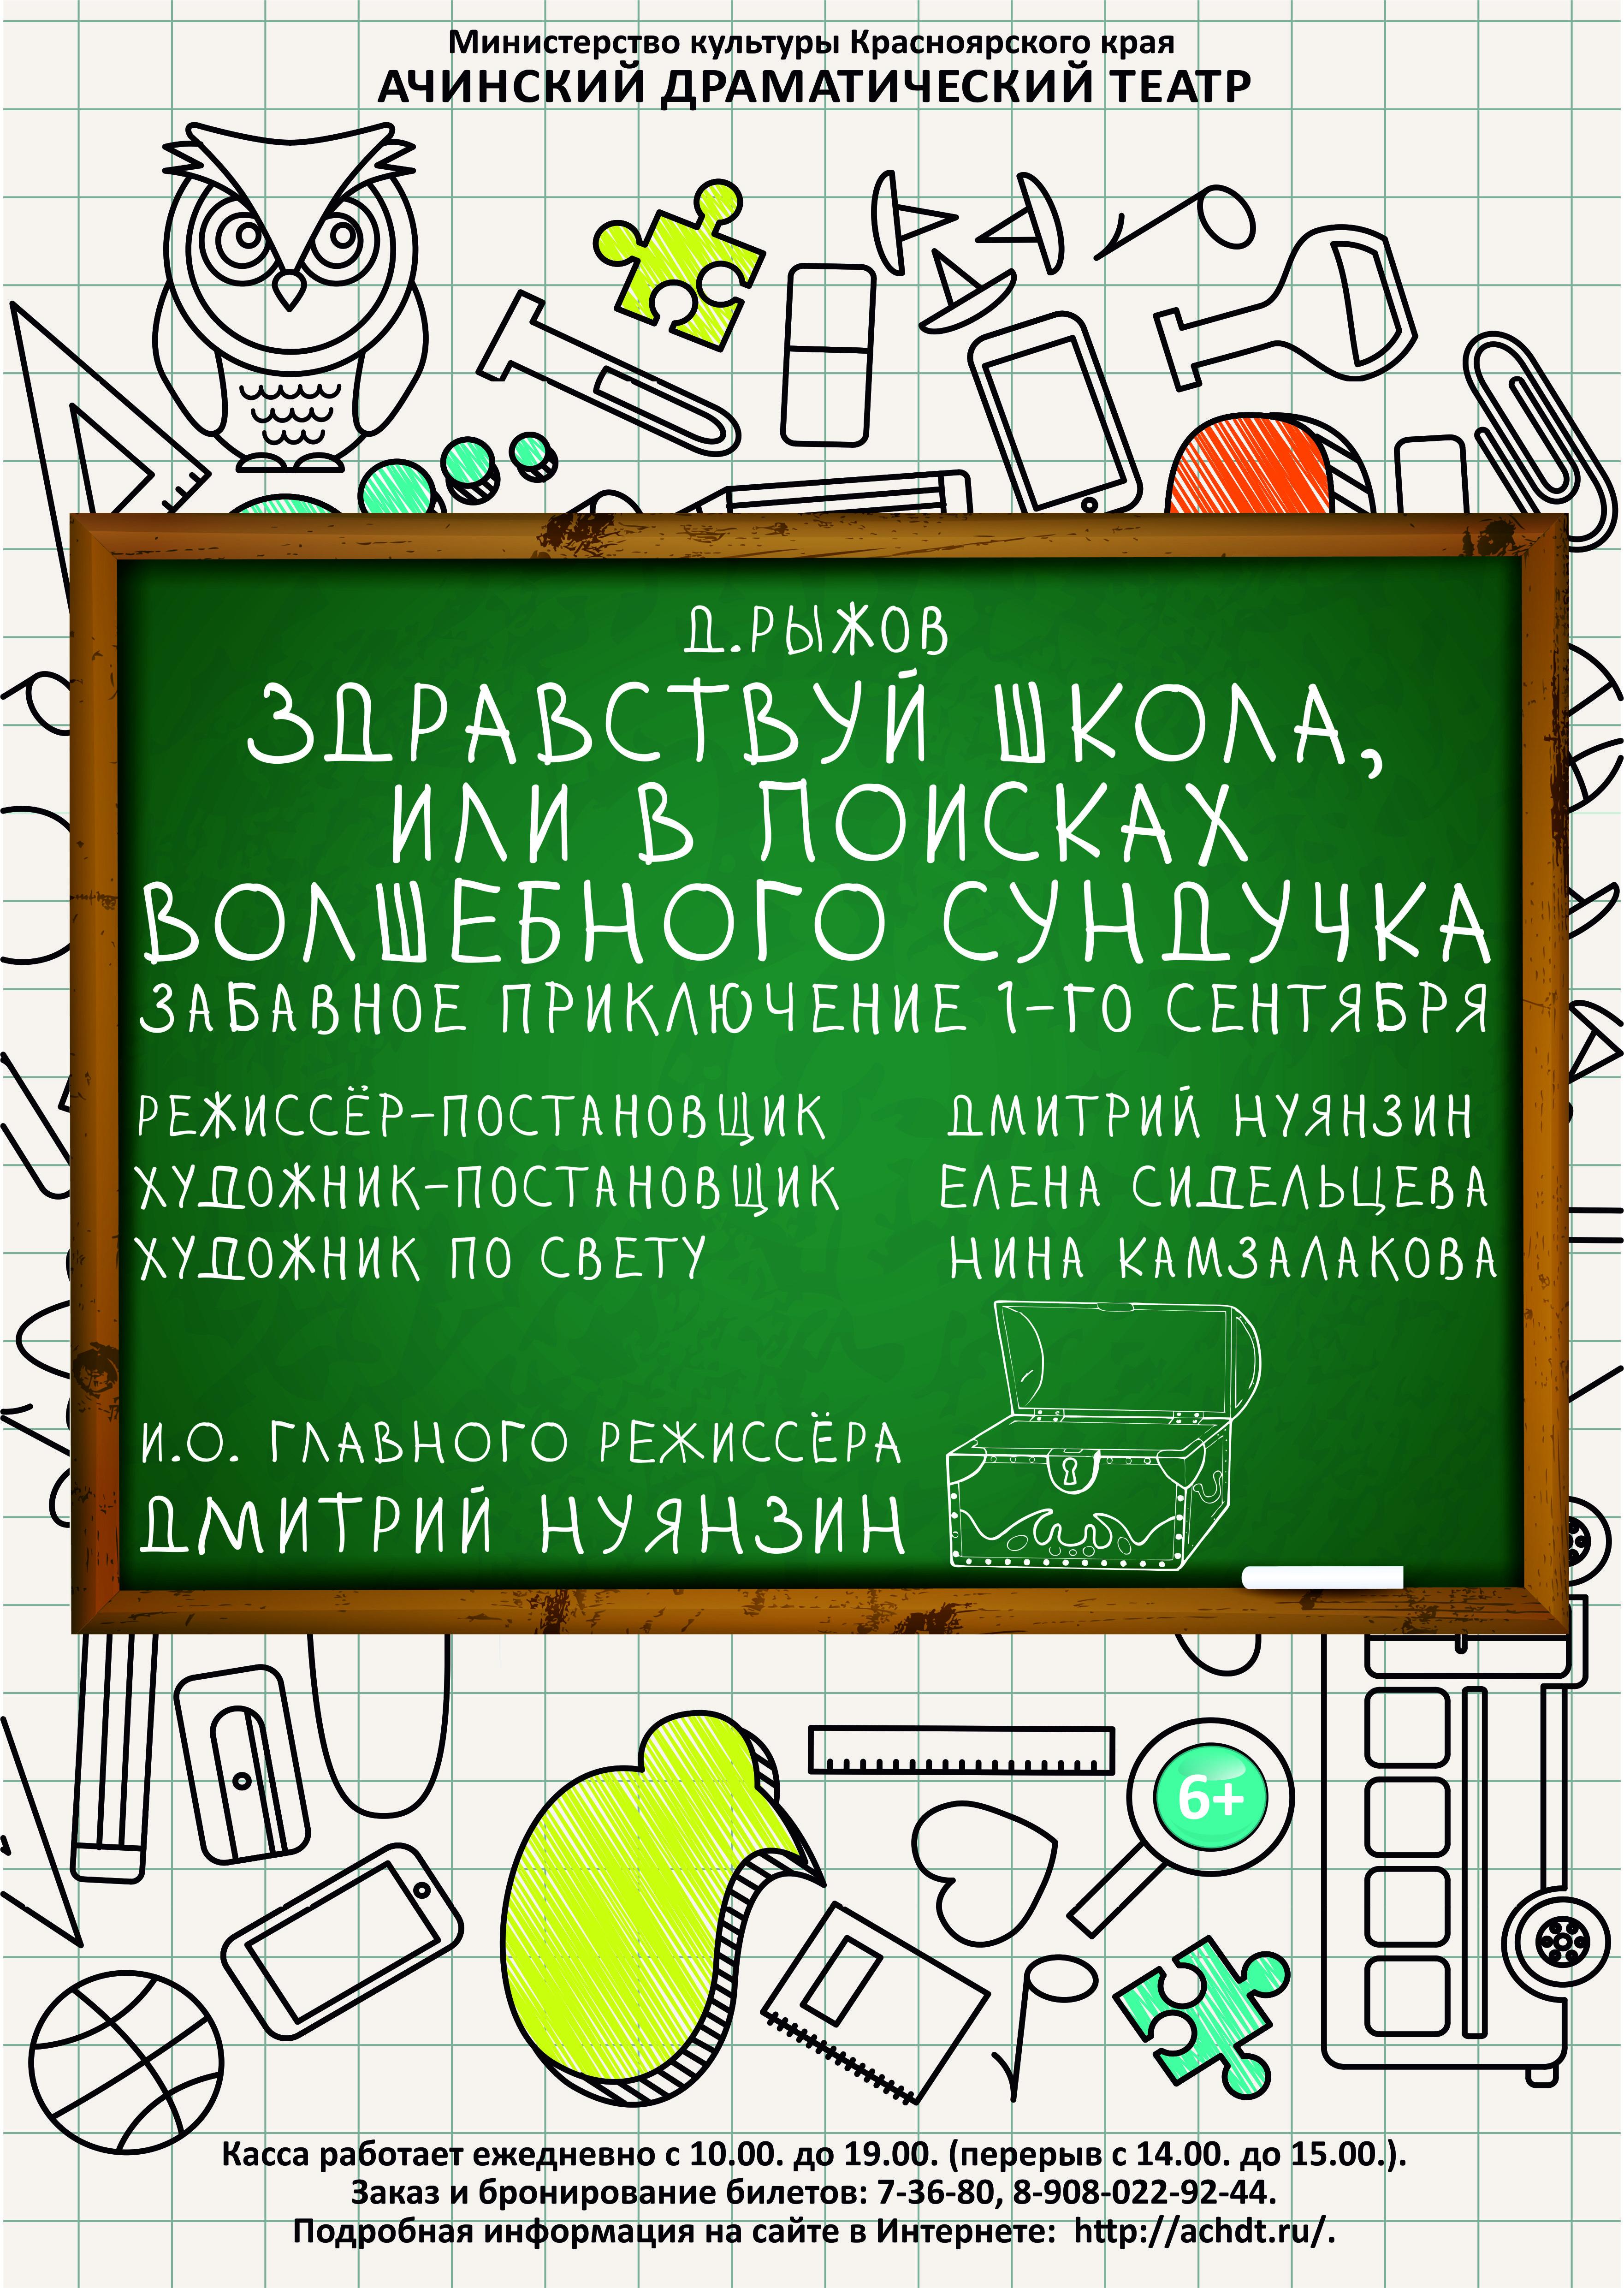 Здравствуй школа_афиша